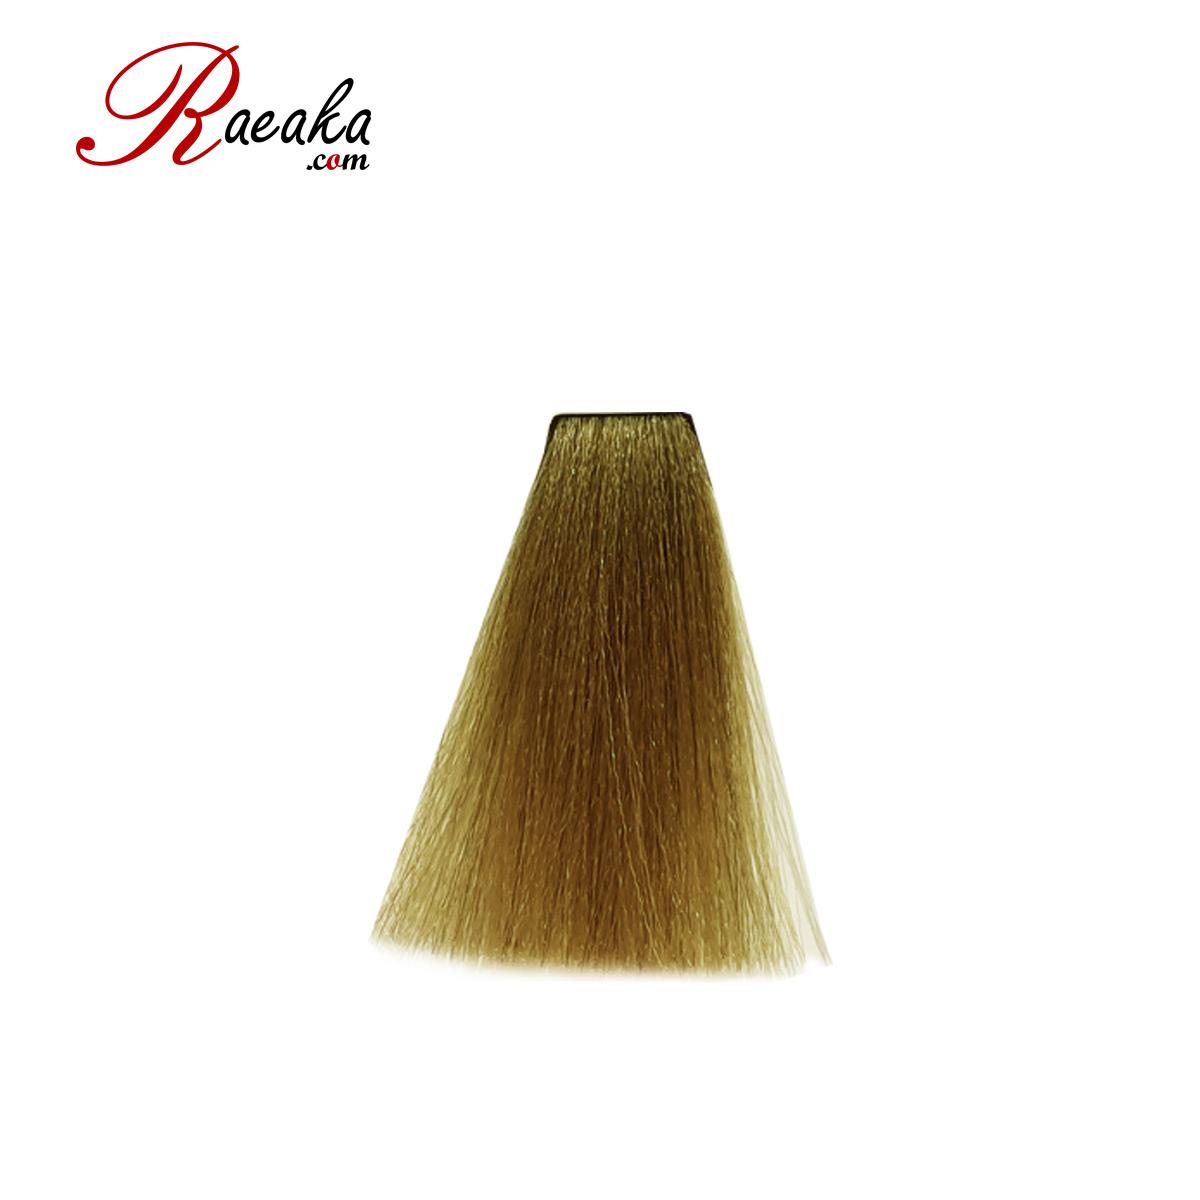 رنگ مو دوشس سری طبیعی شماره 0-9 حجم 125 میلی لیتر